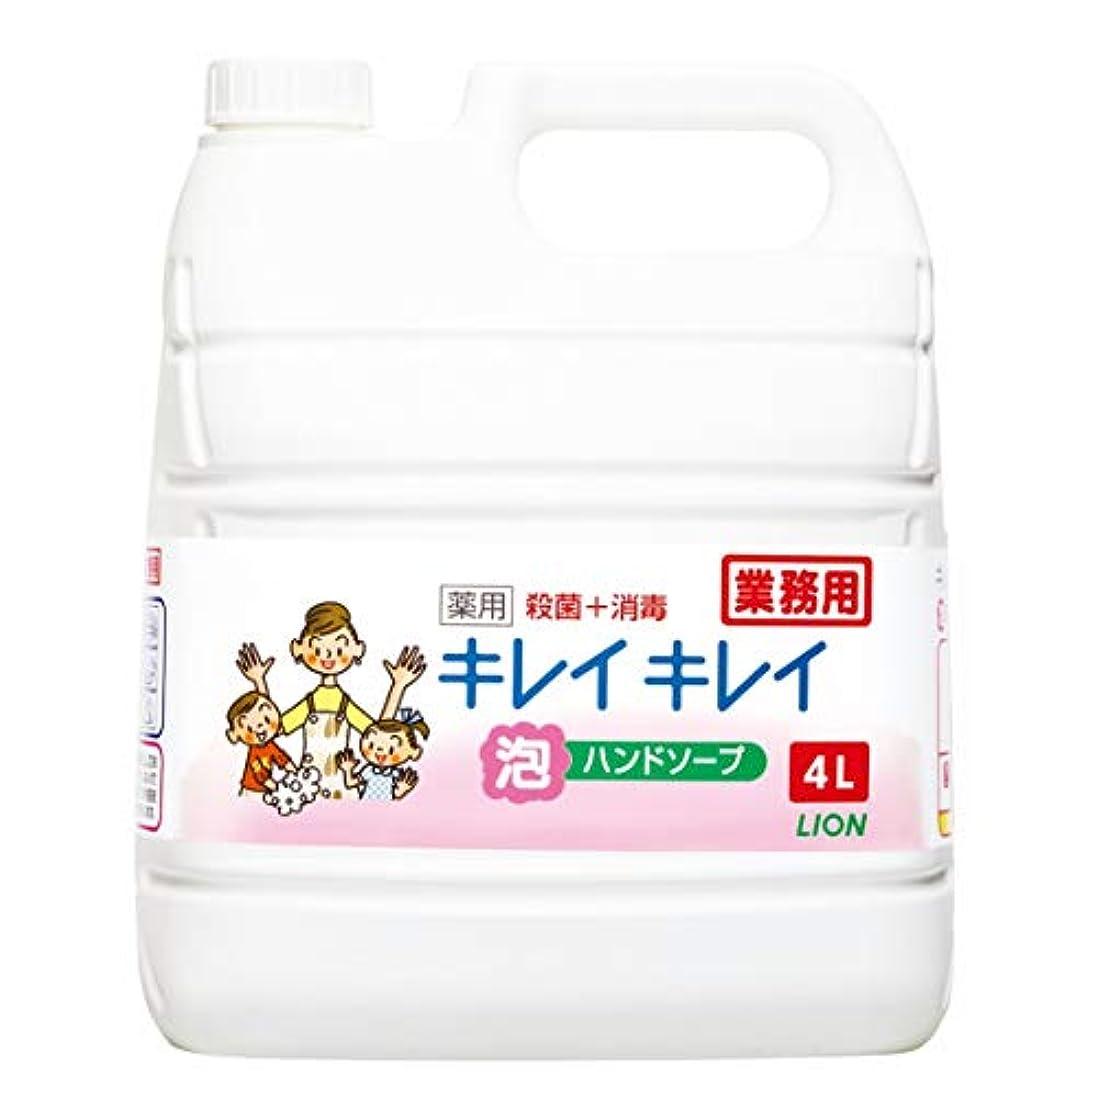 裁定ちなみにジュニア【業務用 大容量】キレイキレイ 薬用 泡ハンドソープ シトラスフルーティの香り 液体 単品 4L(医薬部外品)